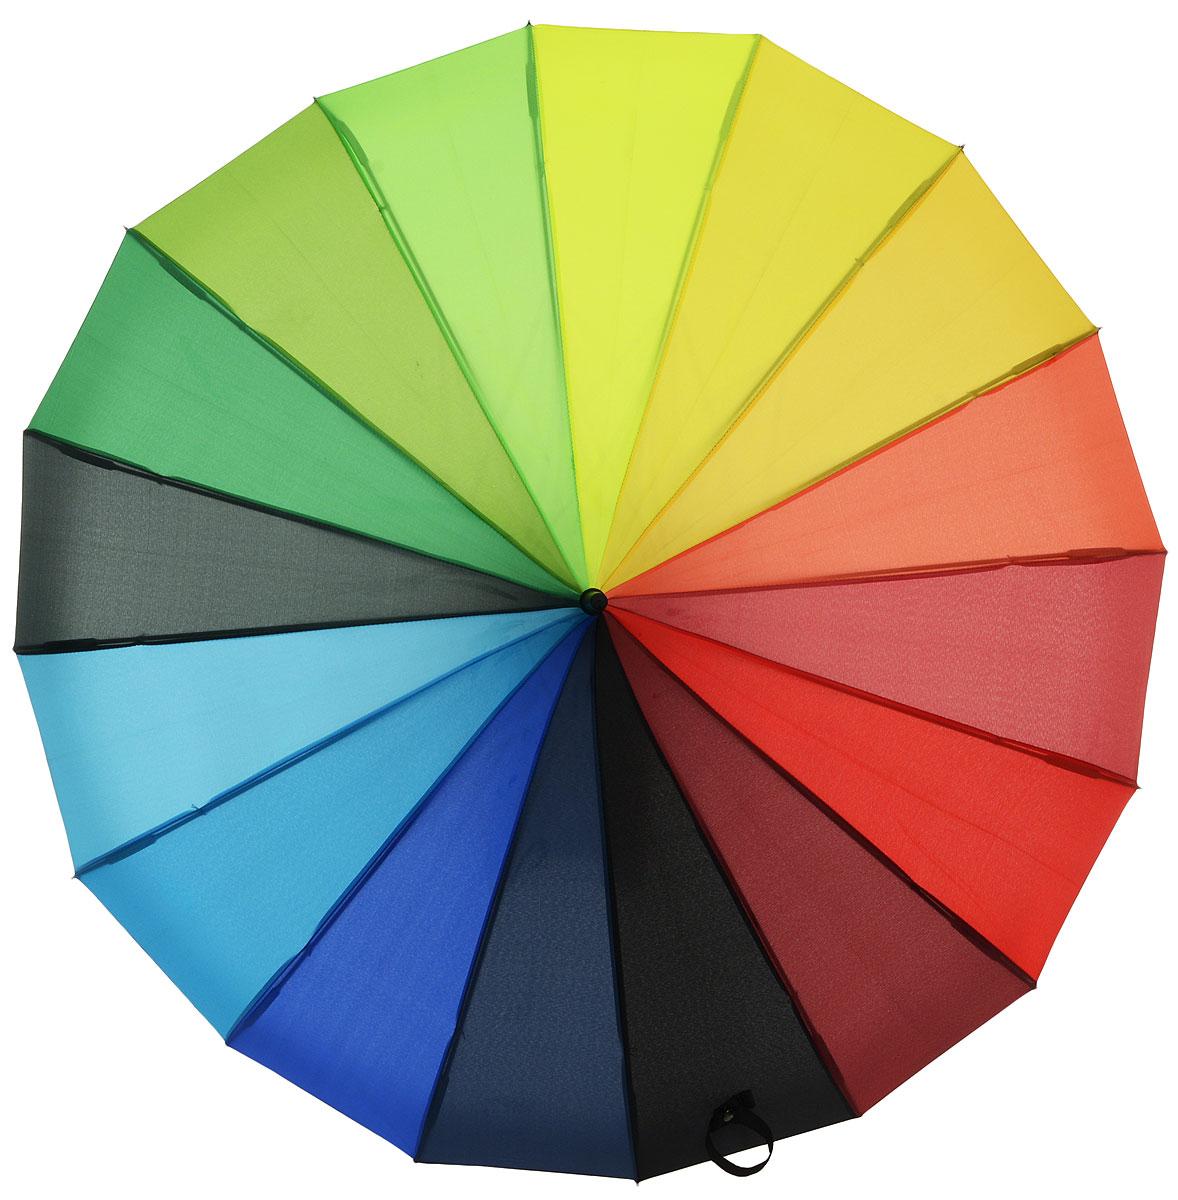 Зонт-трость женский Flioraj Радуга, механика, цвет: мультиколор. 121200-1121200-1 FJЯркий и оригинальный зонт Flioraj не оставит вас без внимания. Зонт состоит из 16 спиц и прочного стержня, изготовленных из анодированной стали. Купол зонта изготовленный из качественного полиэстера, выполнен в необычной форме. Зонт оснащен ручкой из матового пластика. Изделие имеет механический способ сложения: и купол, и стержень открываются и закрываются вручную до характерного щелчка. Зонт закрывается хлястиком на кнопку. Такой зонт не только надежно защитит вас от дождя, но и станет стильным аксессуаром, который идеально подчеркнет ваш неповторимый образ. Такой оригинальный зонт с насыщенными цветами поднимет настроение не только вам, но и окружающим.